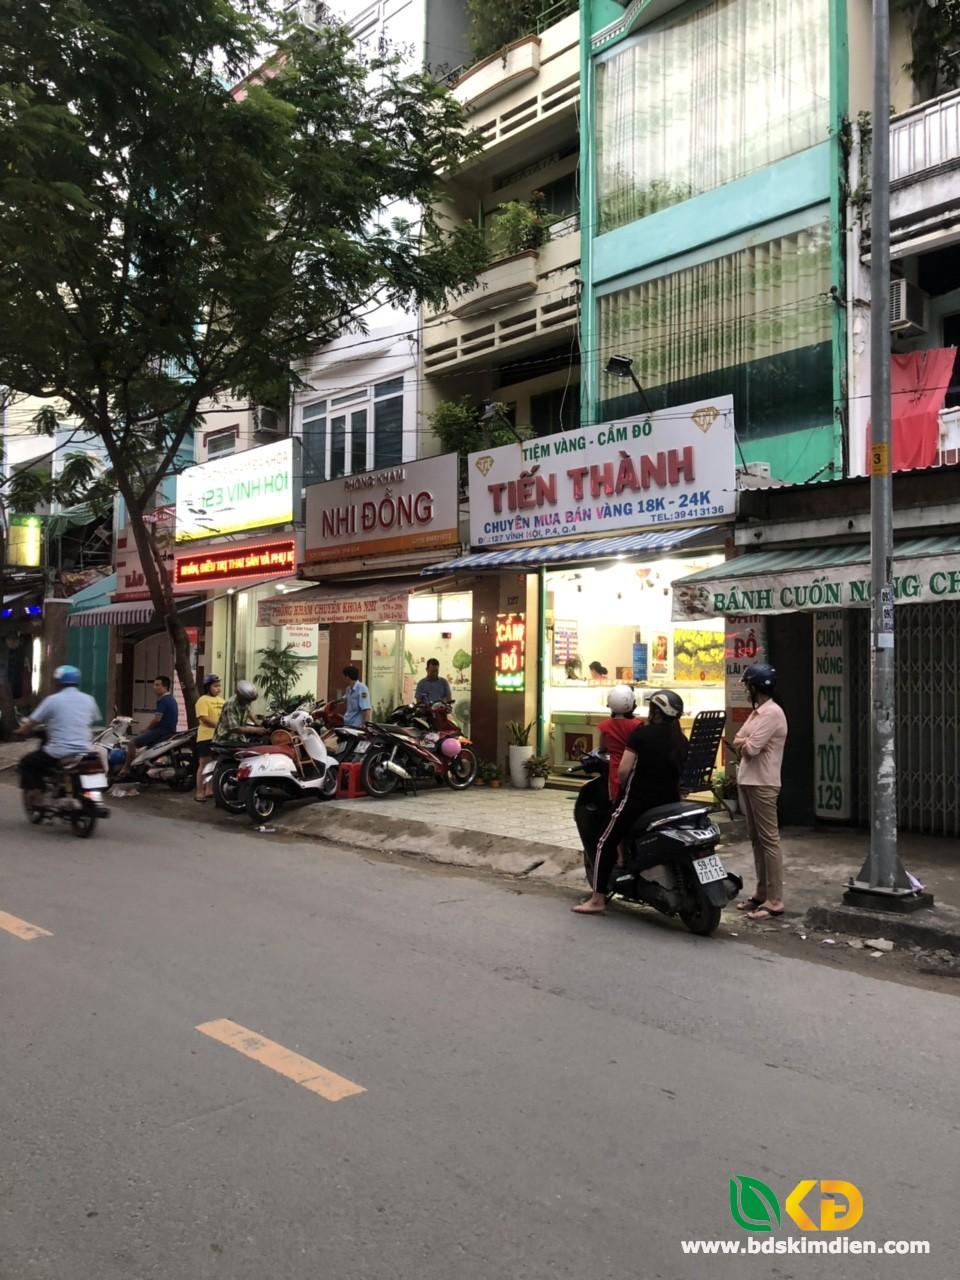 Bán gấp nhà đẹp 3 lầu mặt tiền đường Vĩnh Hội phường 4 Quận 4.